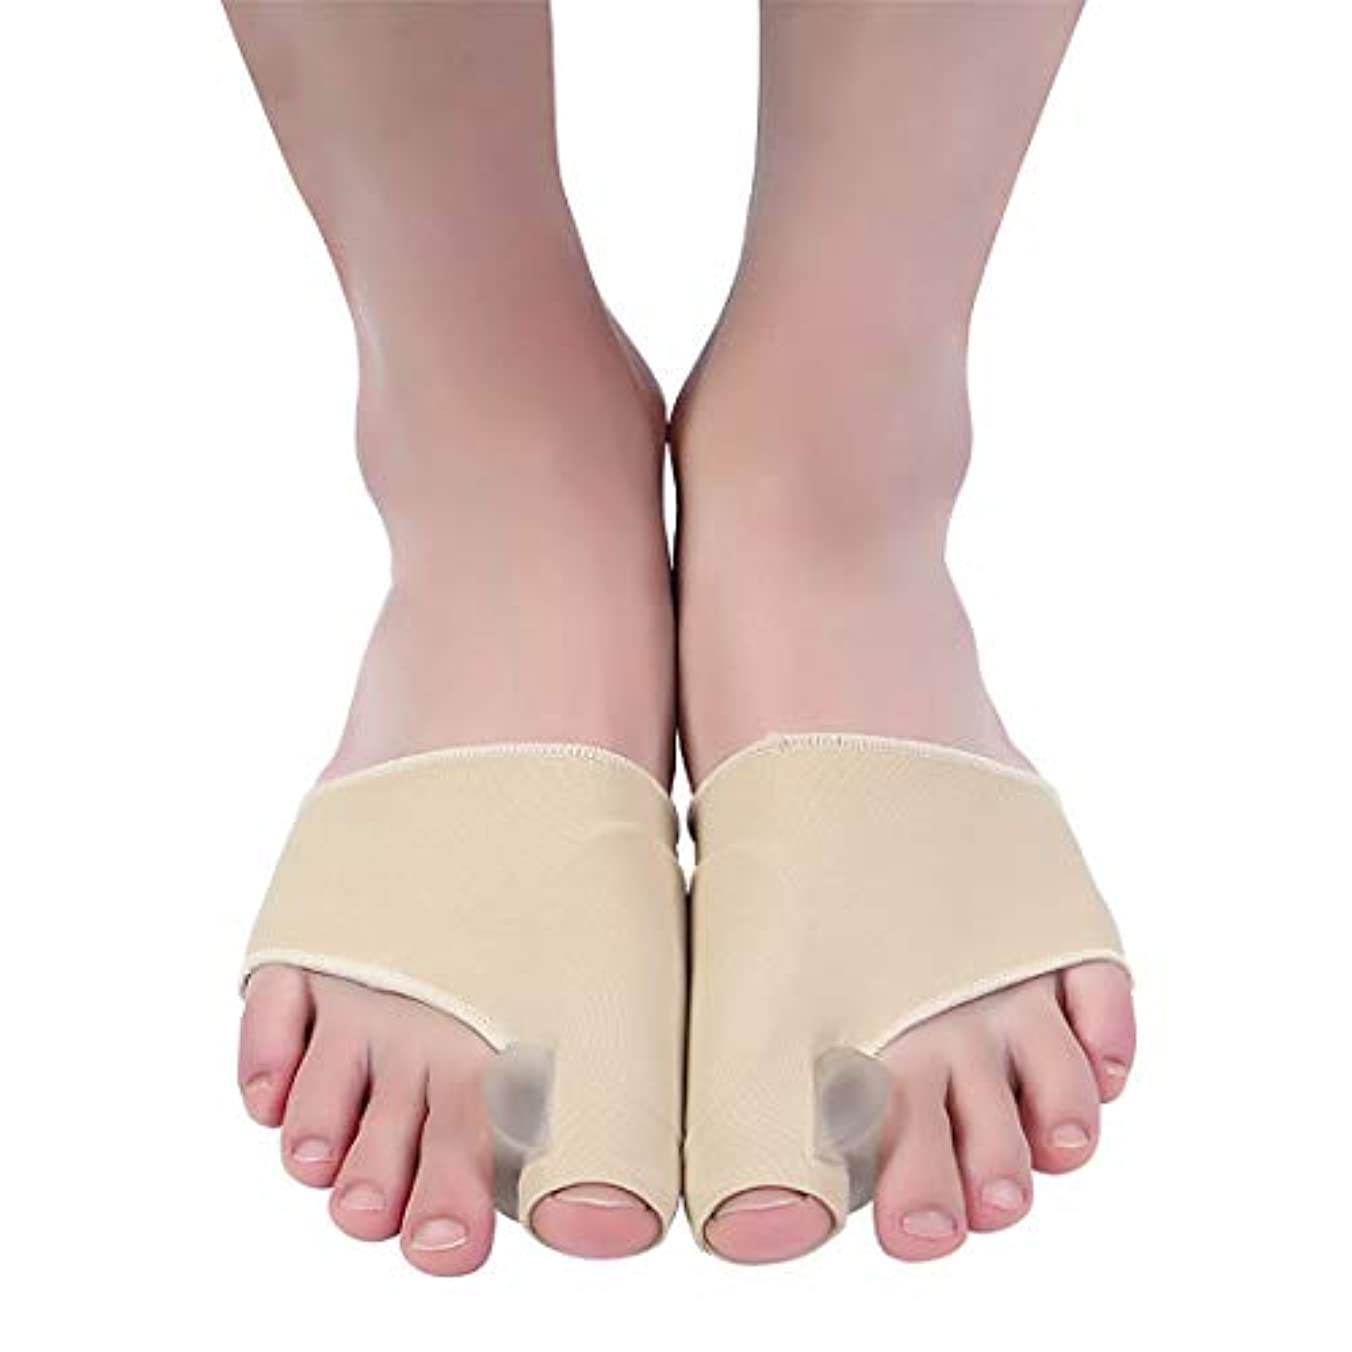 柱検閲繰り返す腱膜瘤矯正と腱膜瘤救済、女性と男性のための整形外科の足の親指矯正、昼夜のサポート、外反母Valの治療と予防